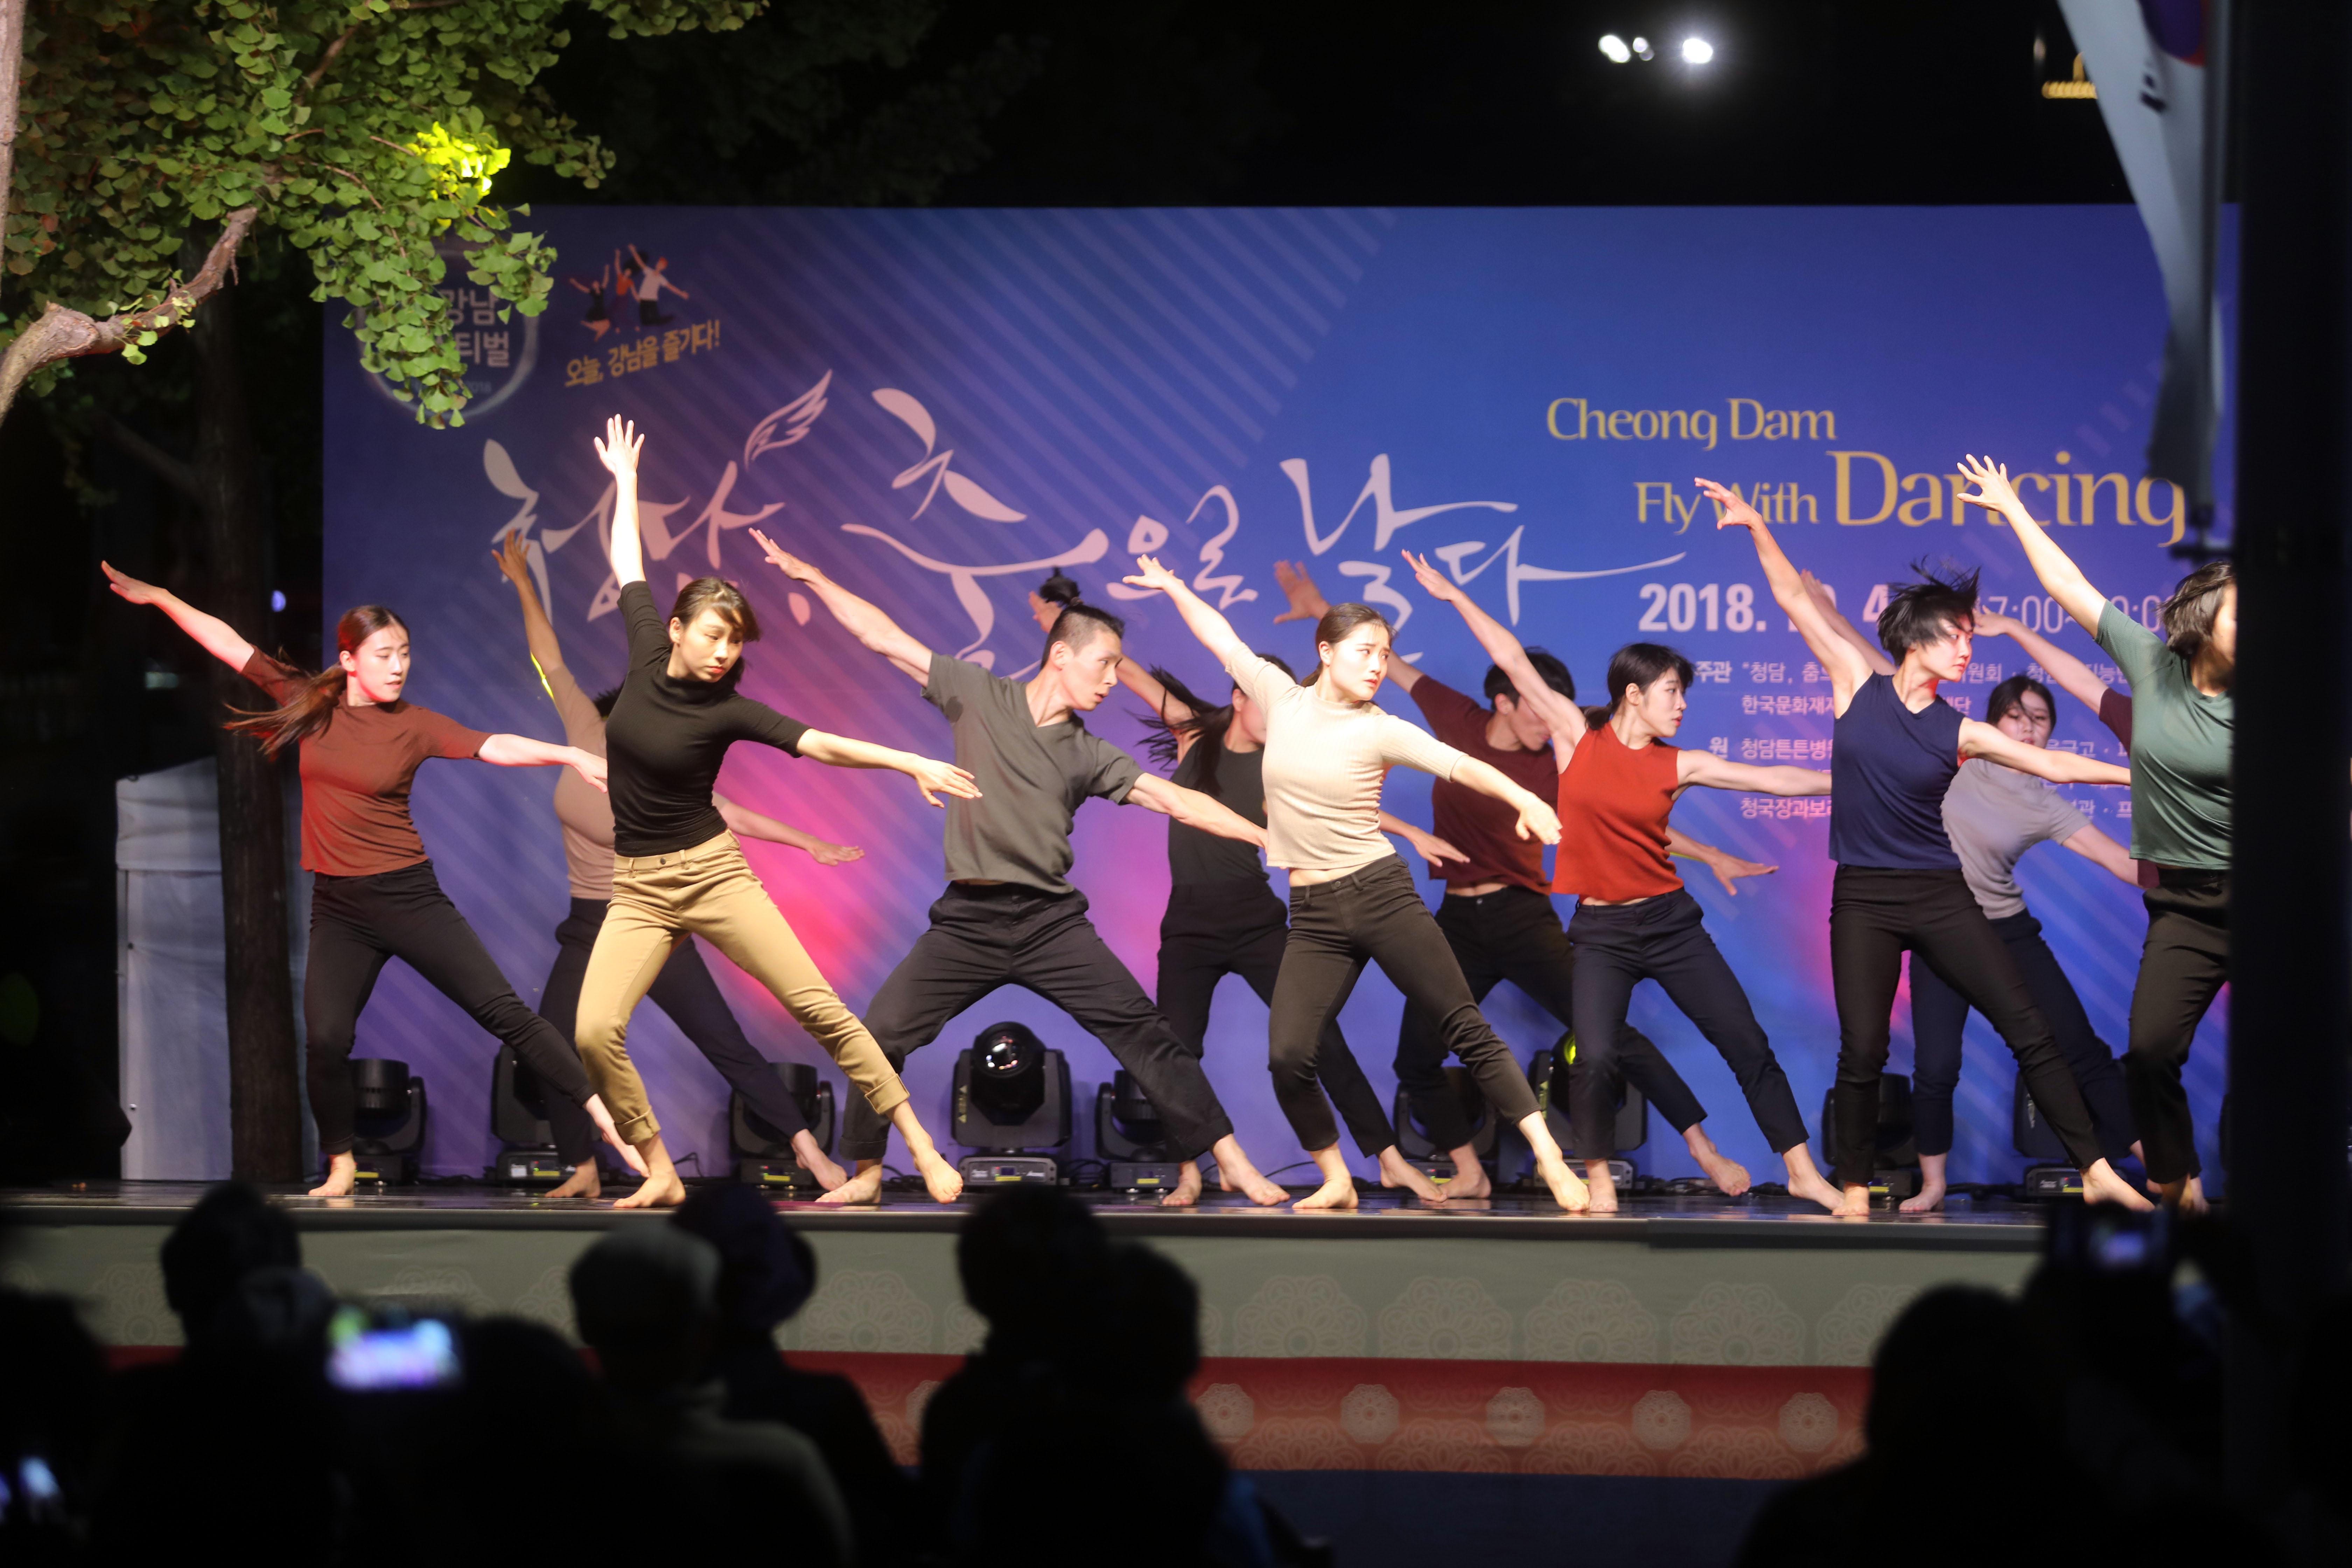 지난해 10월 3일 청담동 튼튼병원 앞에서 펼쳐진 청담, 춤으로 날다